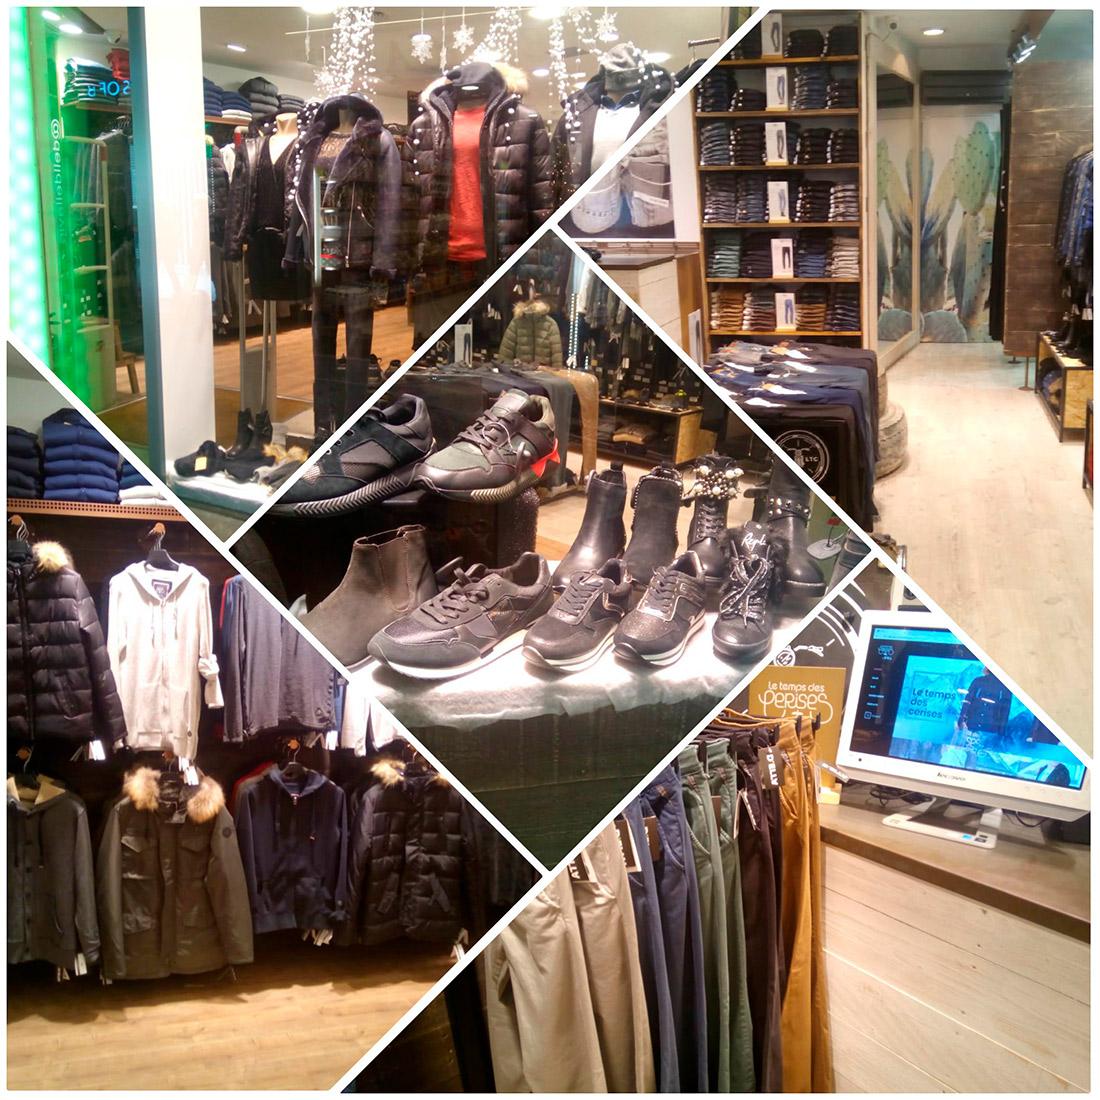 botiga-dellvic-1.jpg